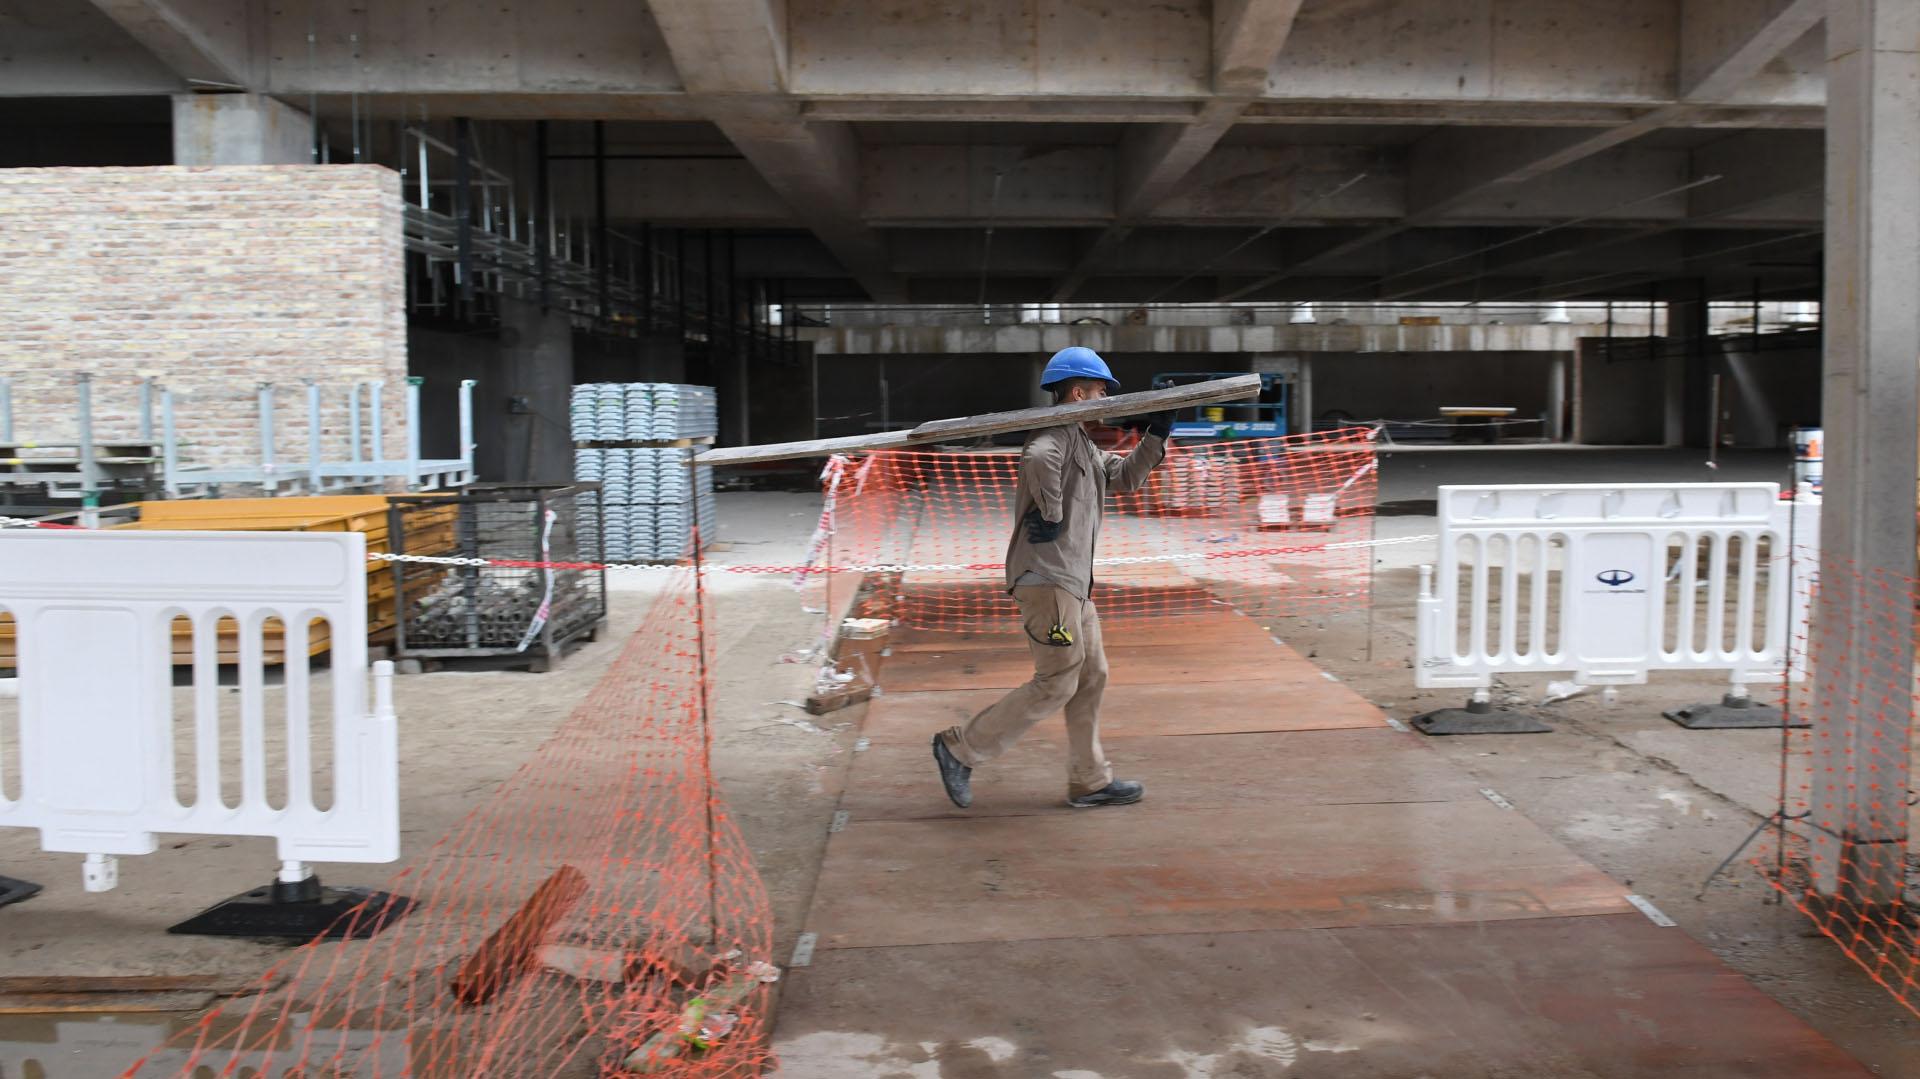 Solo en estas obras del nuevo hall y el estacionamiento en varios niveles trabajan 1.200 personas. Las tareas concluirán, según las previsiones de las autoridades, durante el mes de agosto y estará operativo para recibir pasajeros a fines de septiembre